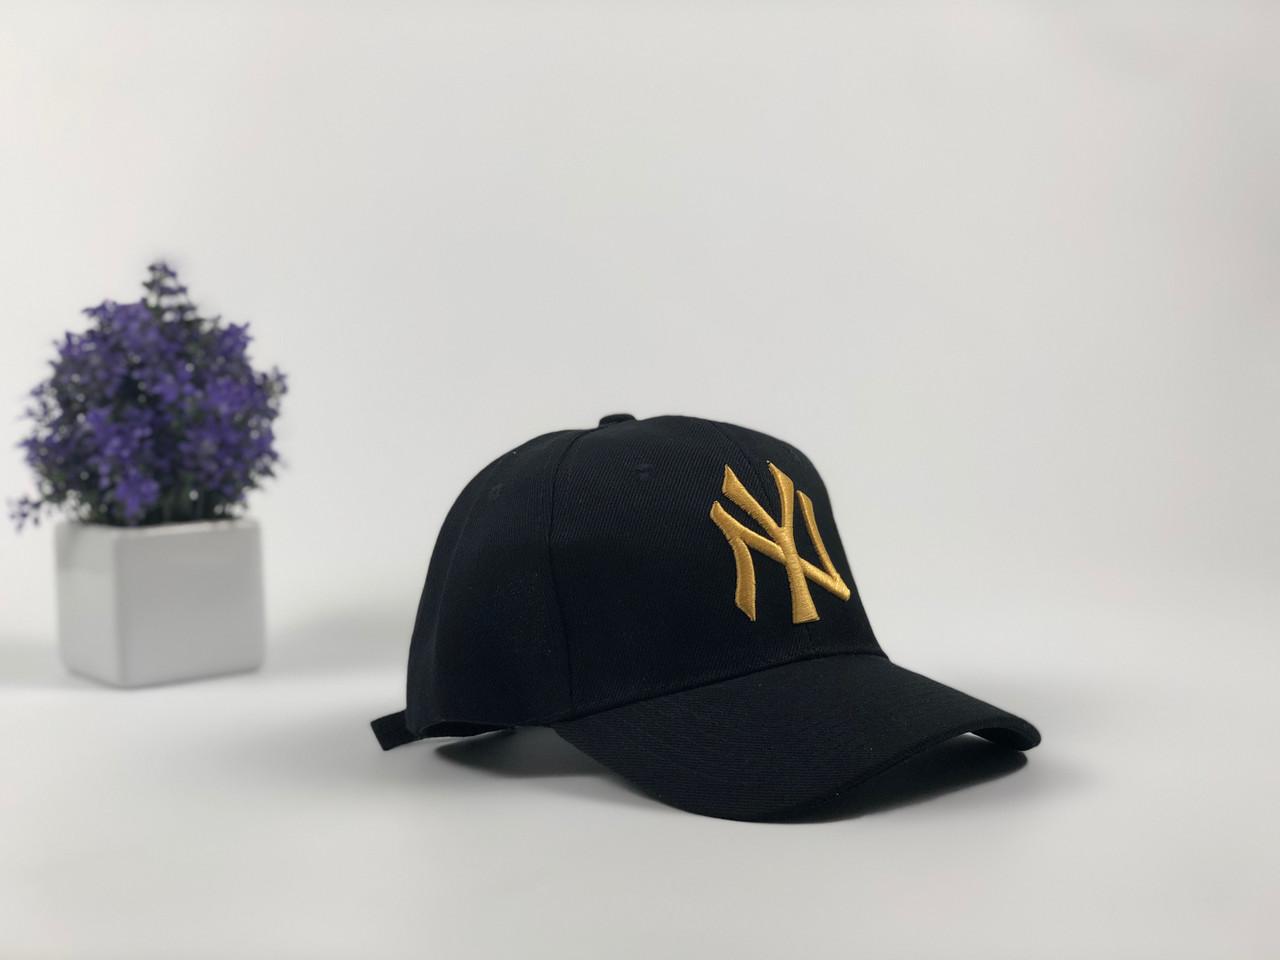 Кепка Бейсболка Мужская Женская New Era New York Yankees NY Черная с Золотым лого